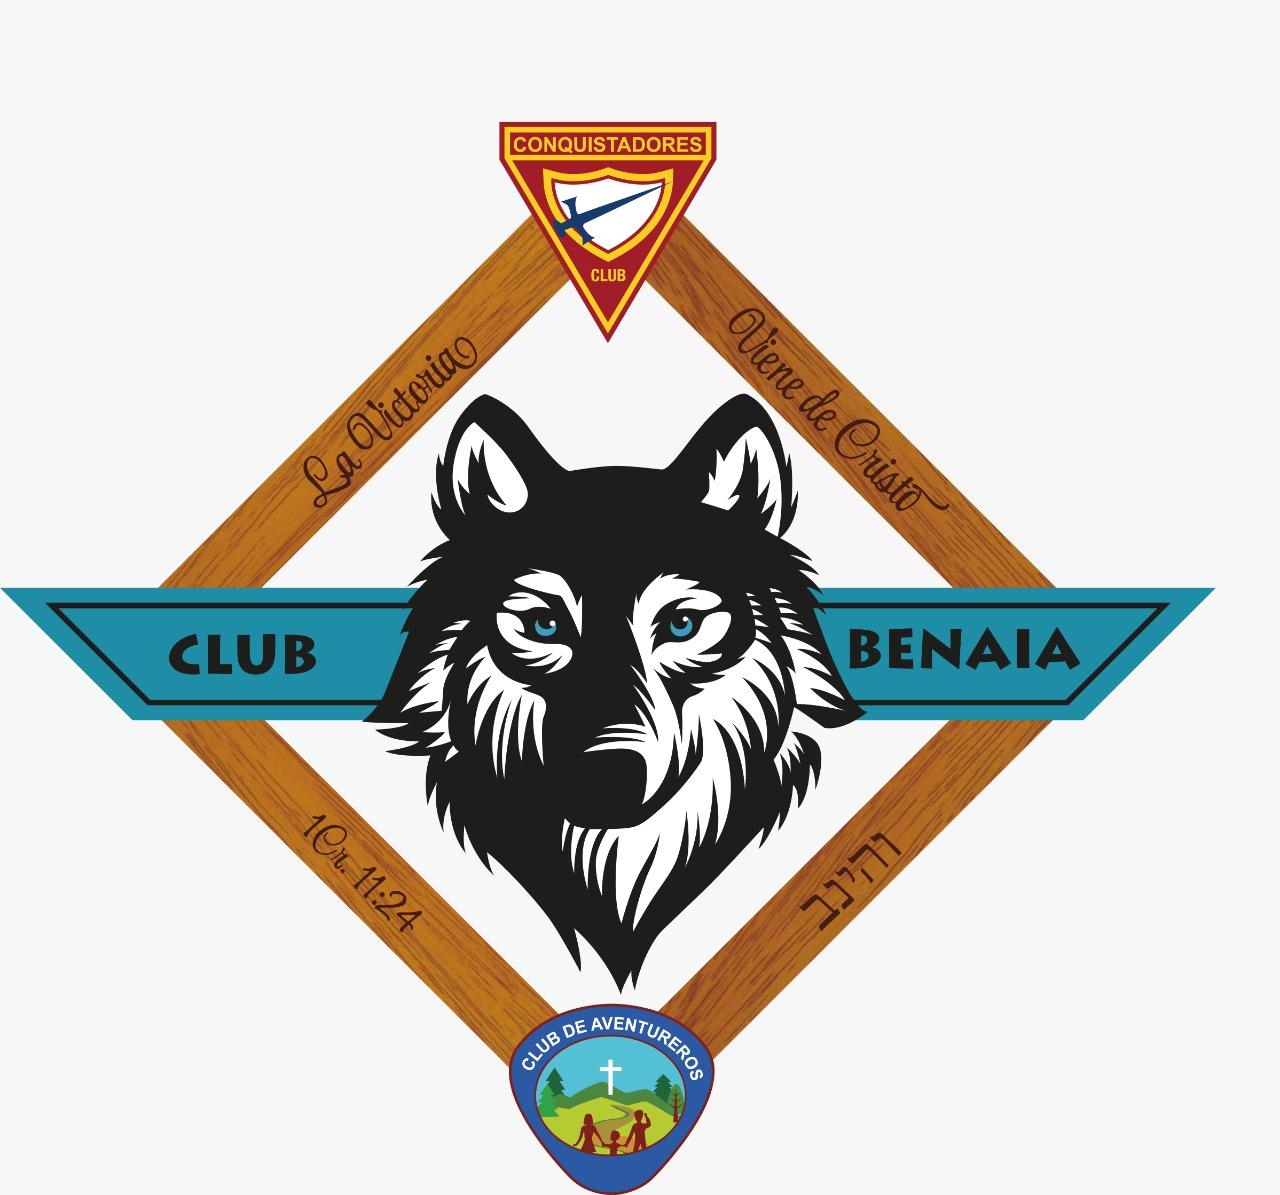 Benaía